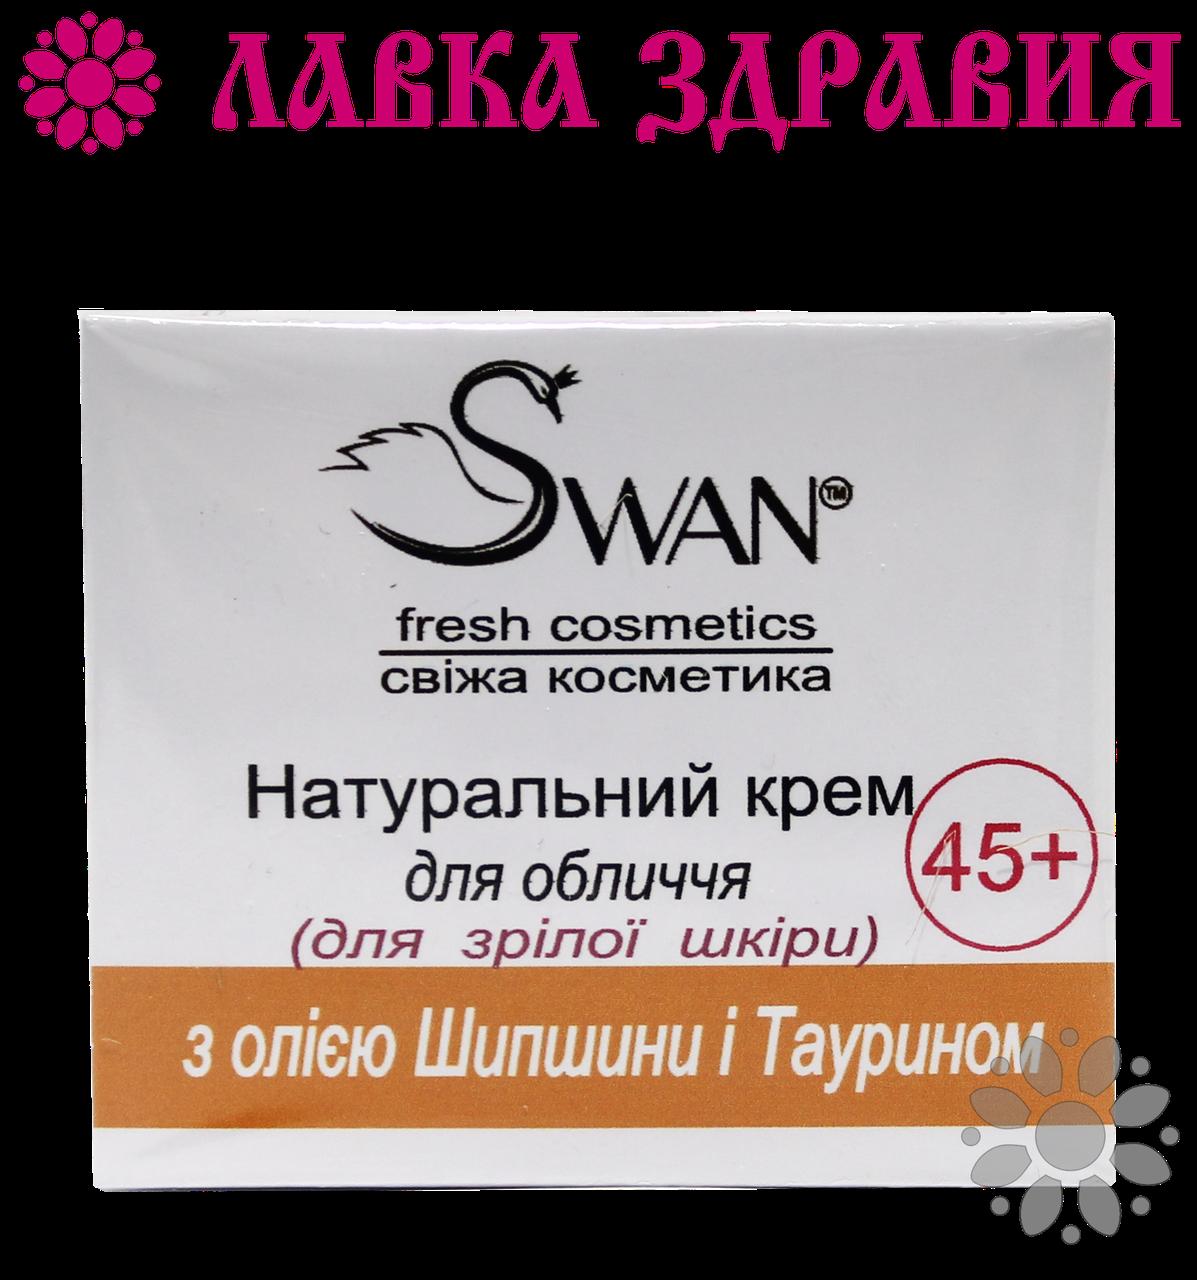 Натуральний крем для обличчя з маслом Шипшини і Таурином (45 плюс), 50 мл, Swan